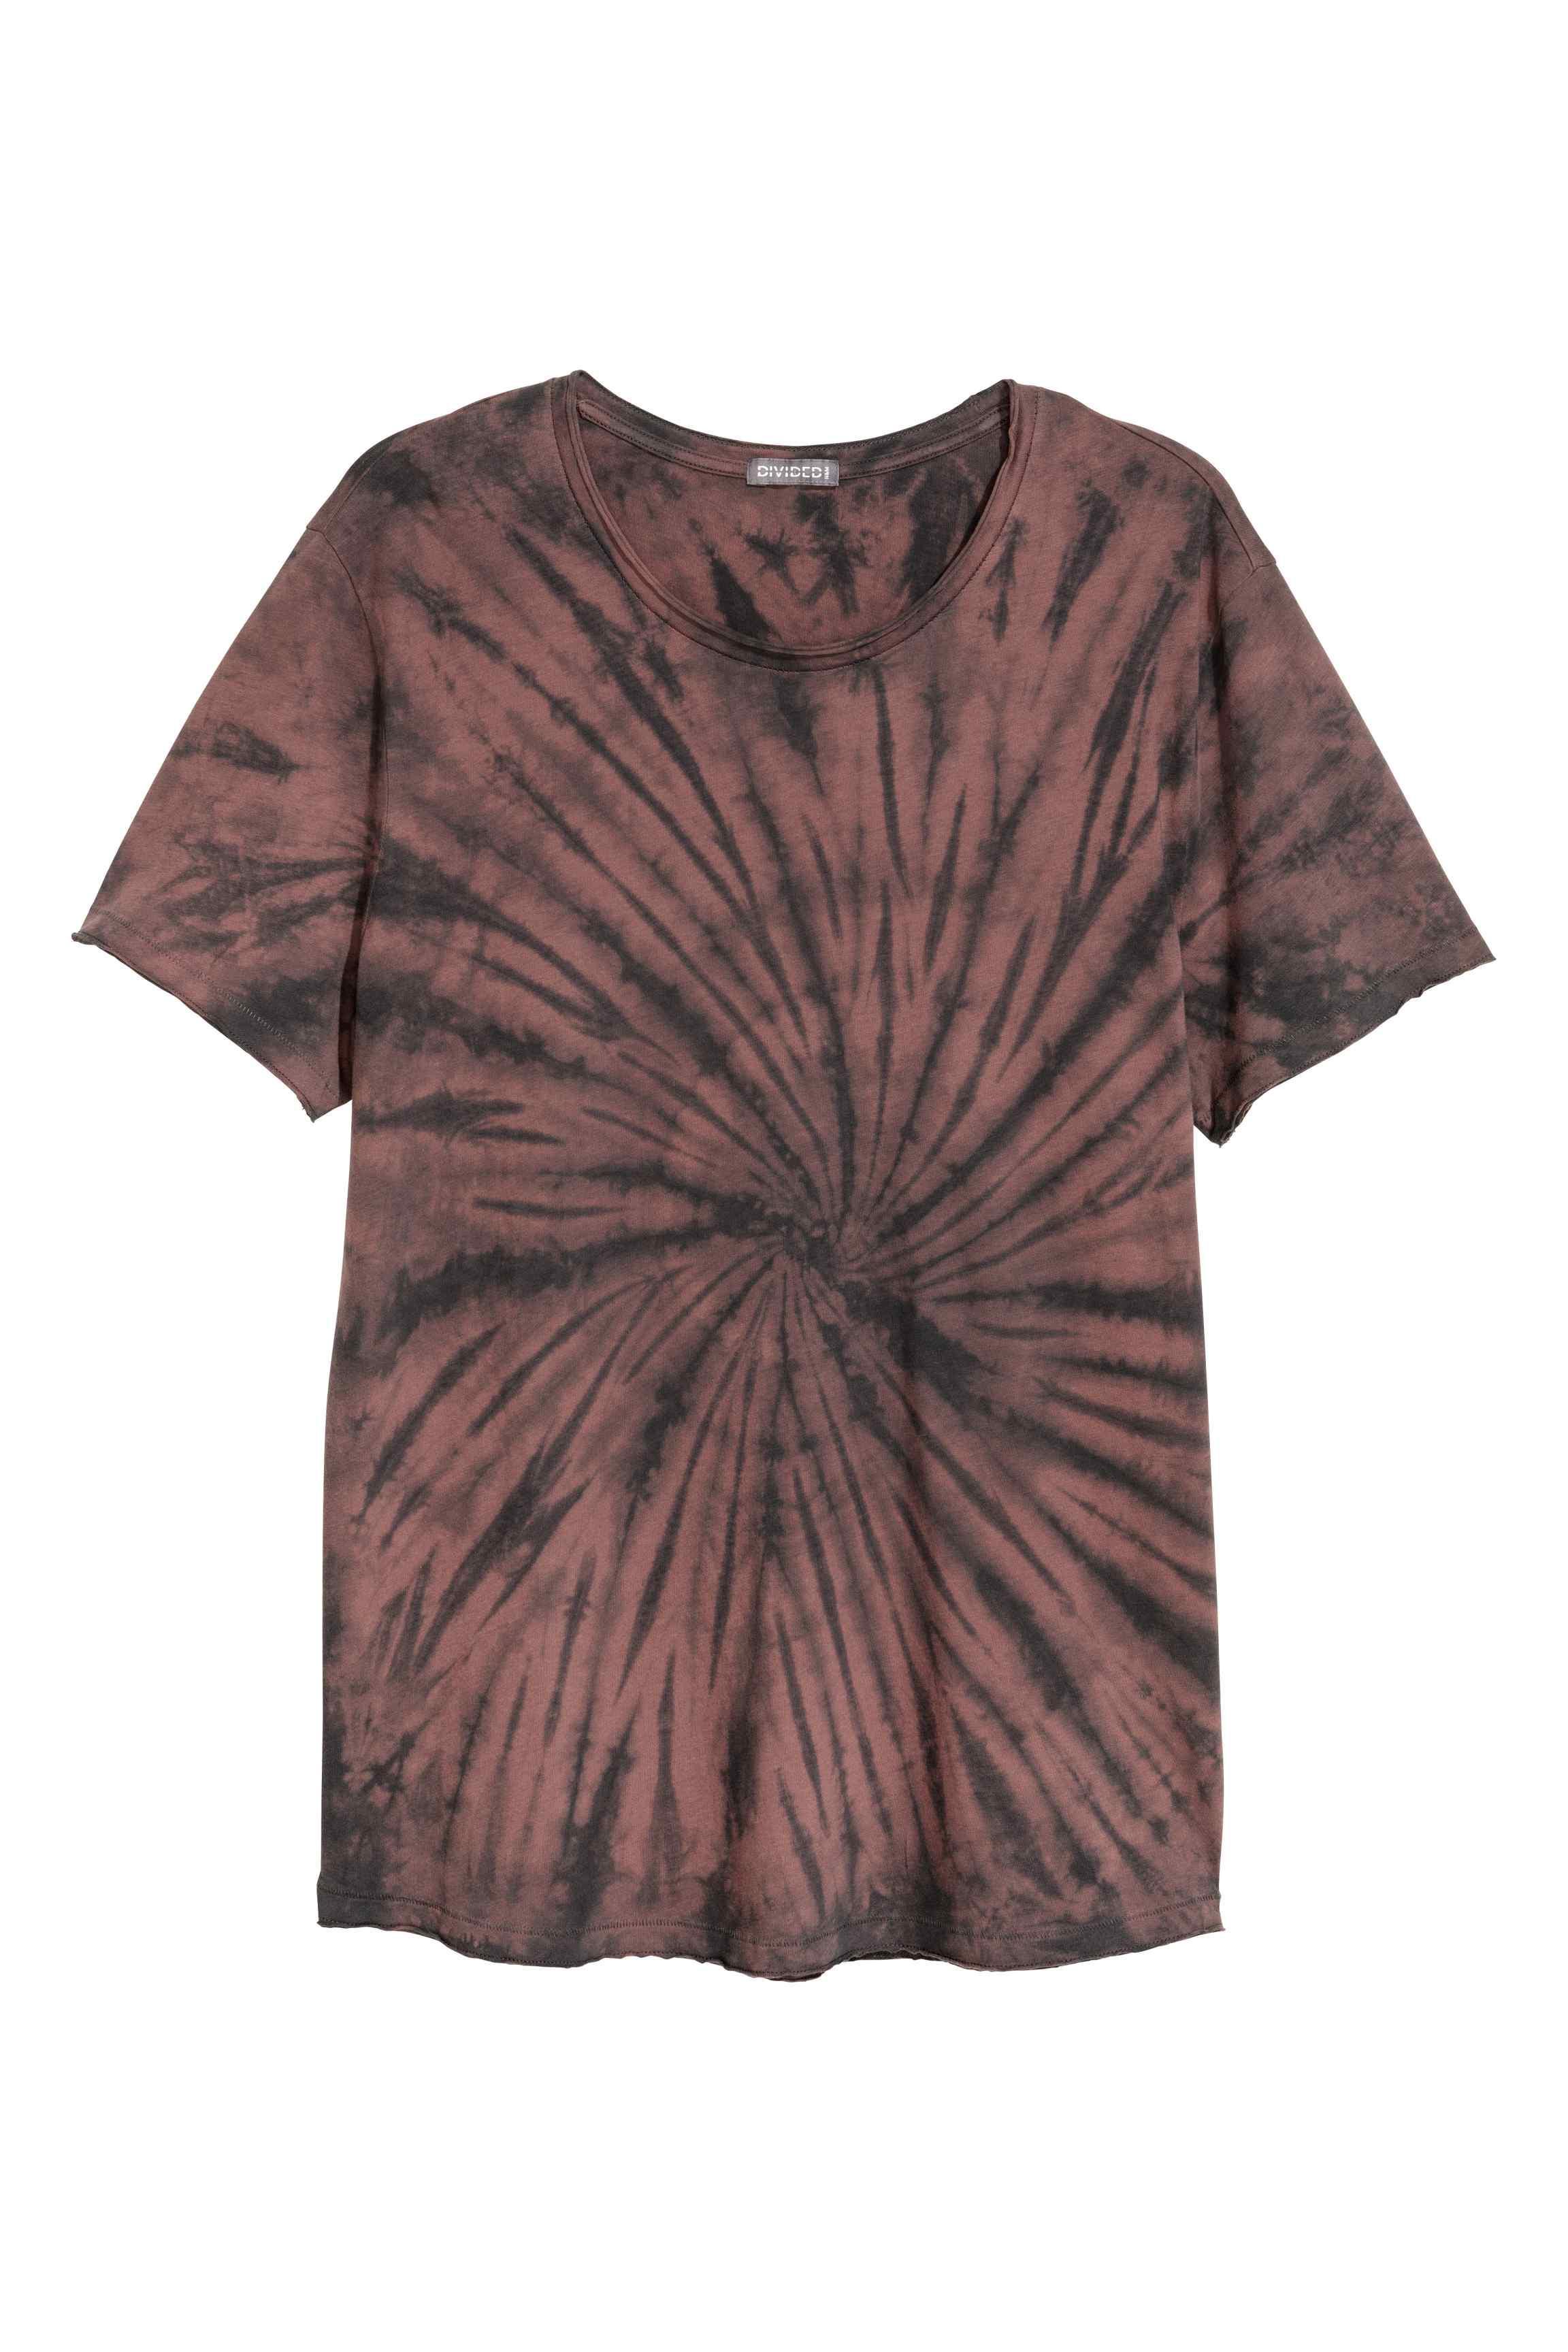 h m batik patterned t shirt in brown for men lyst. Black Bedroom Furniture Sets. Home Design Ideas